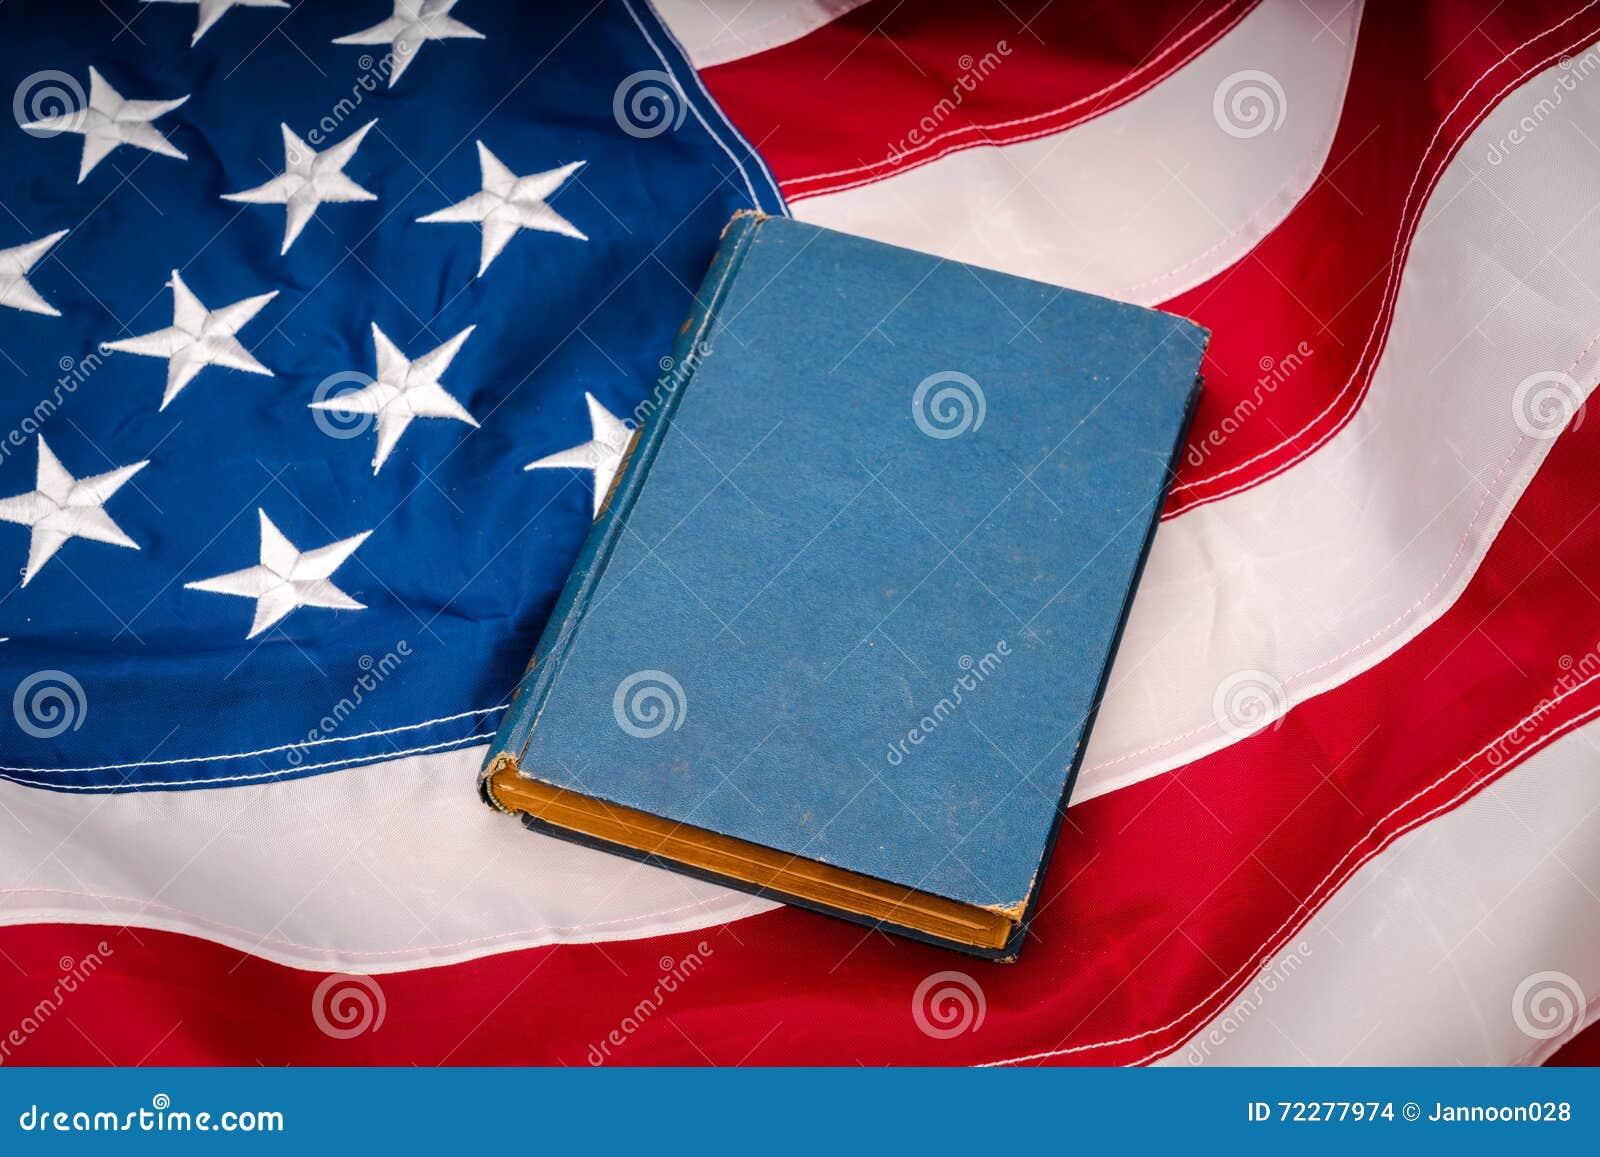 Download Винтажная книга на американском флаге Стоковое Фото - изображение насчитывающей четвертое, paperback: 72277974